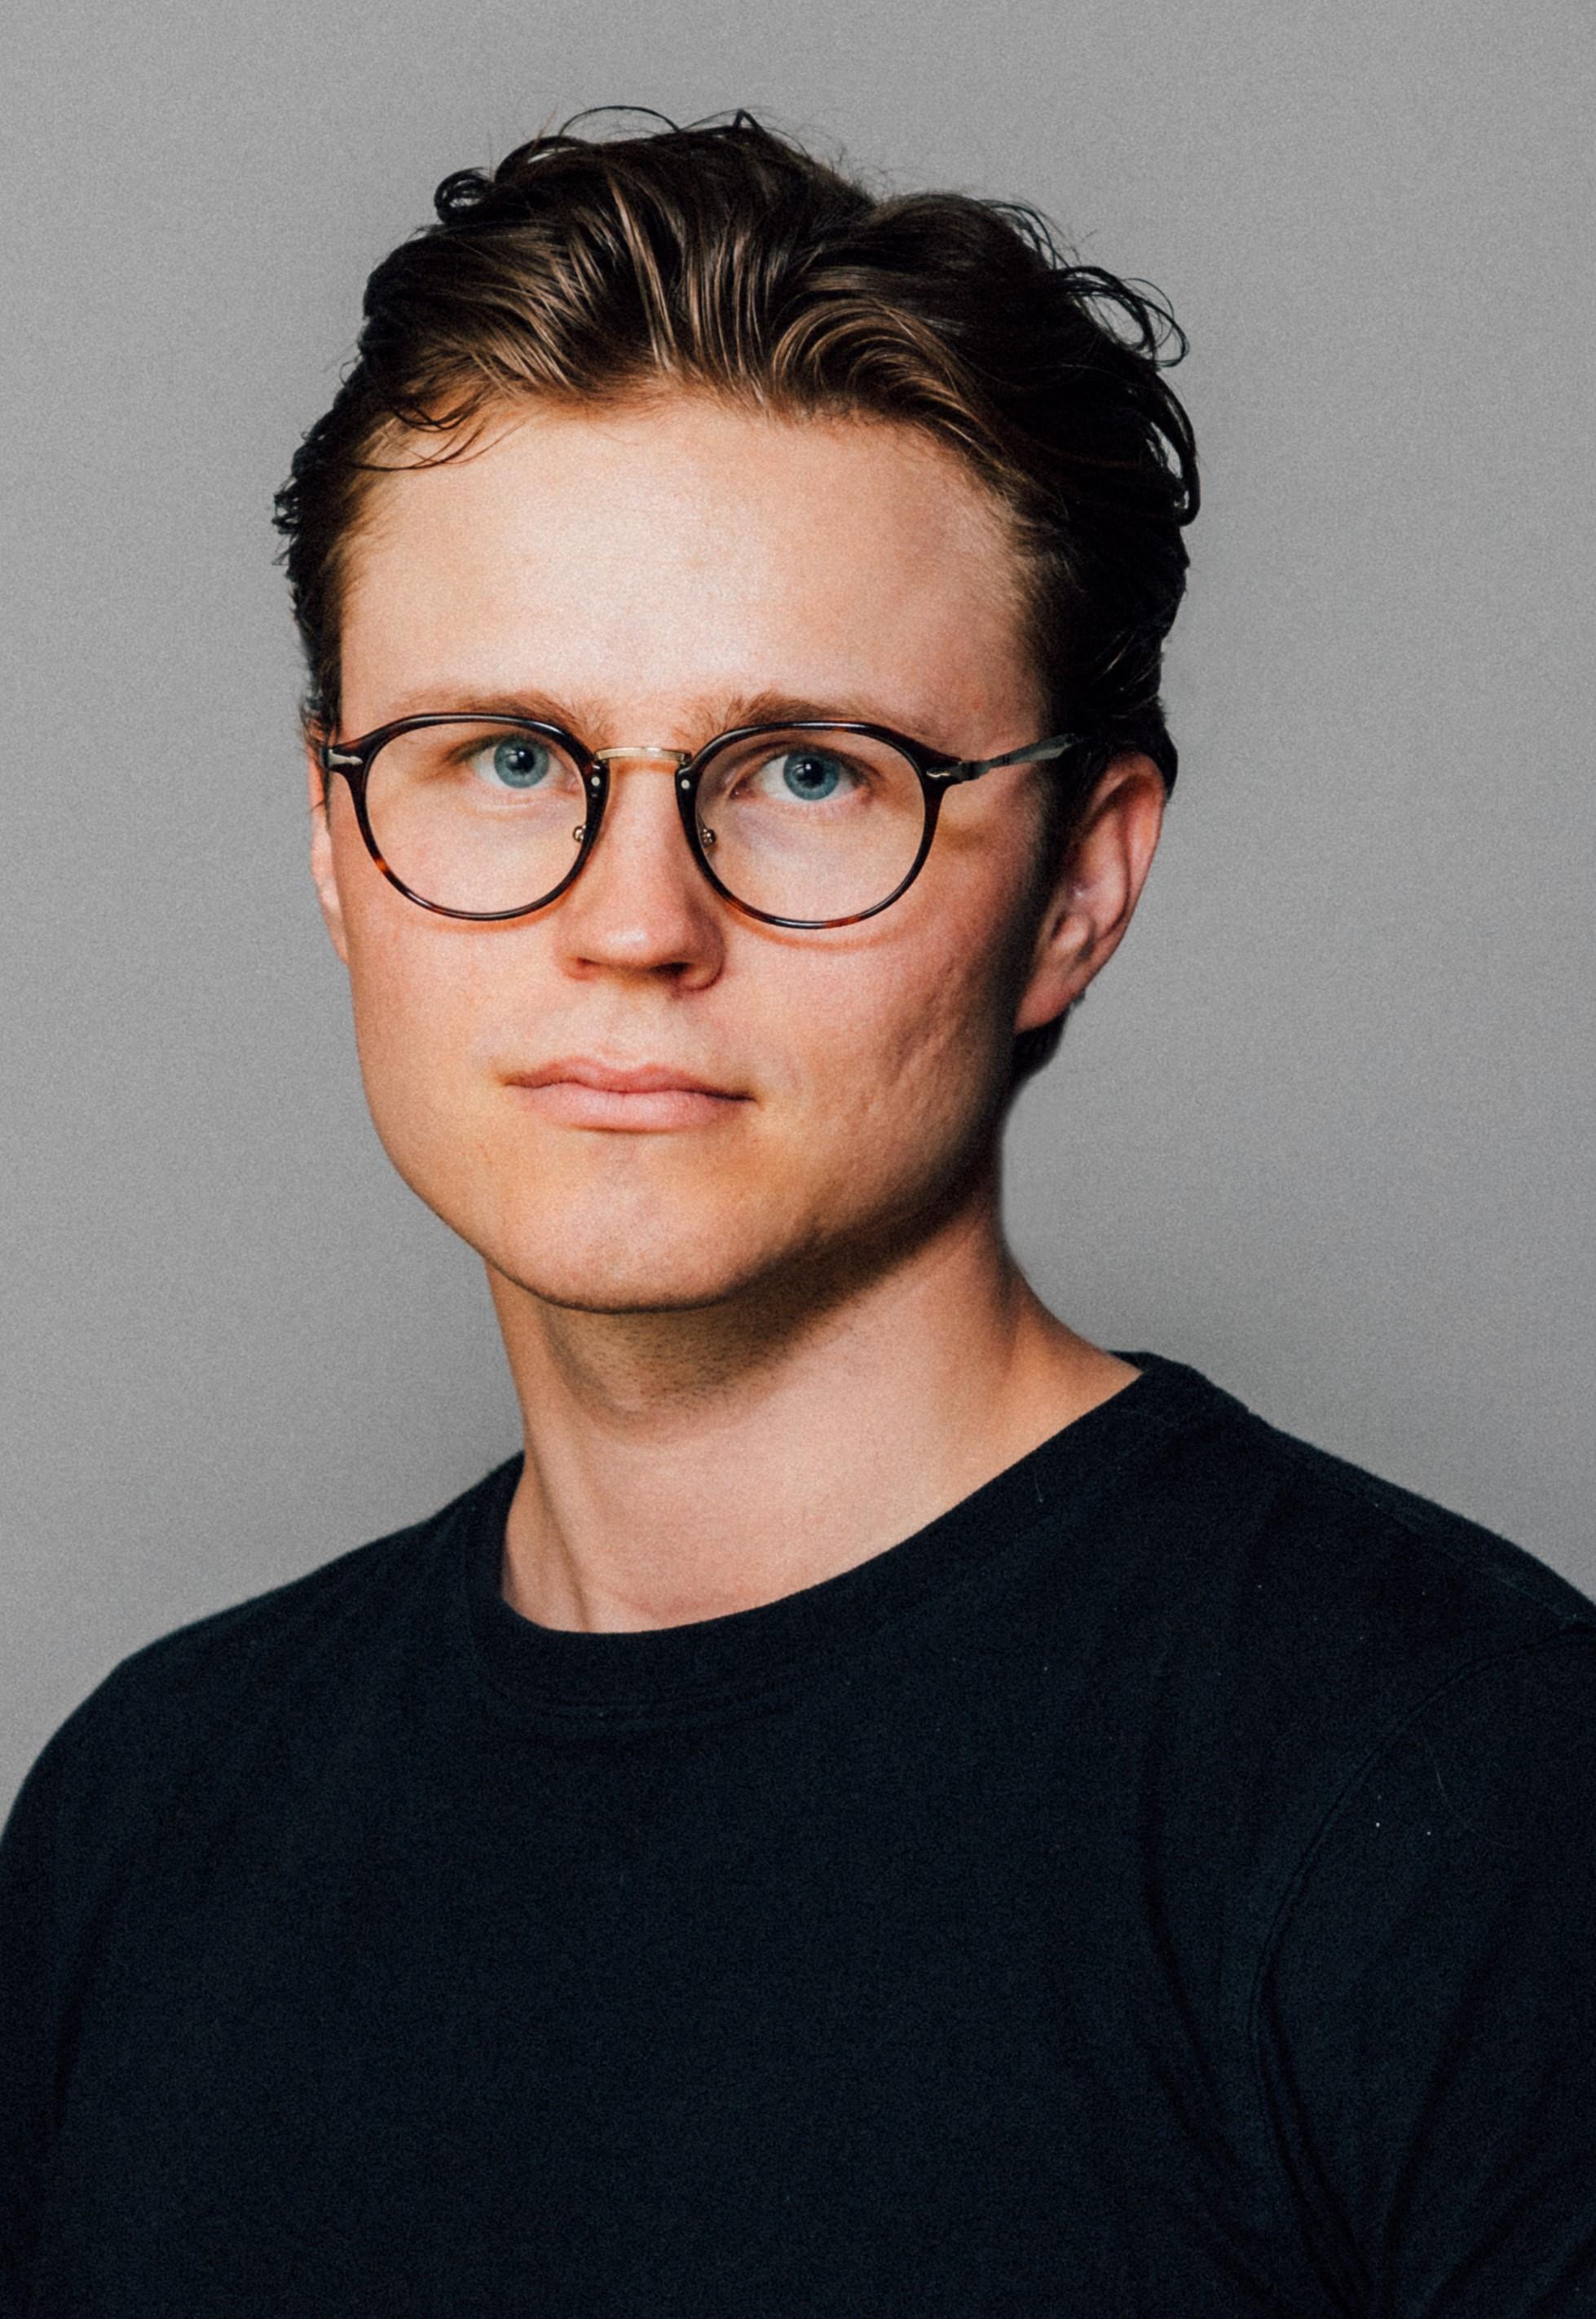 Fredrik Bedsvaag portrett farger